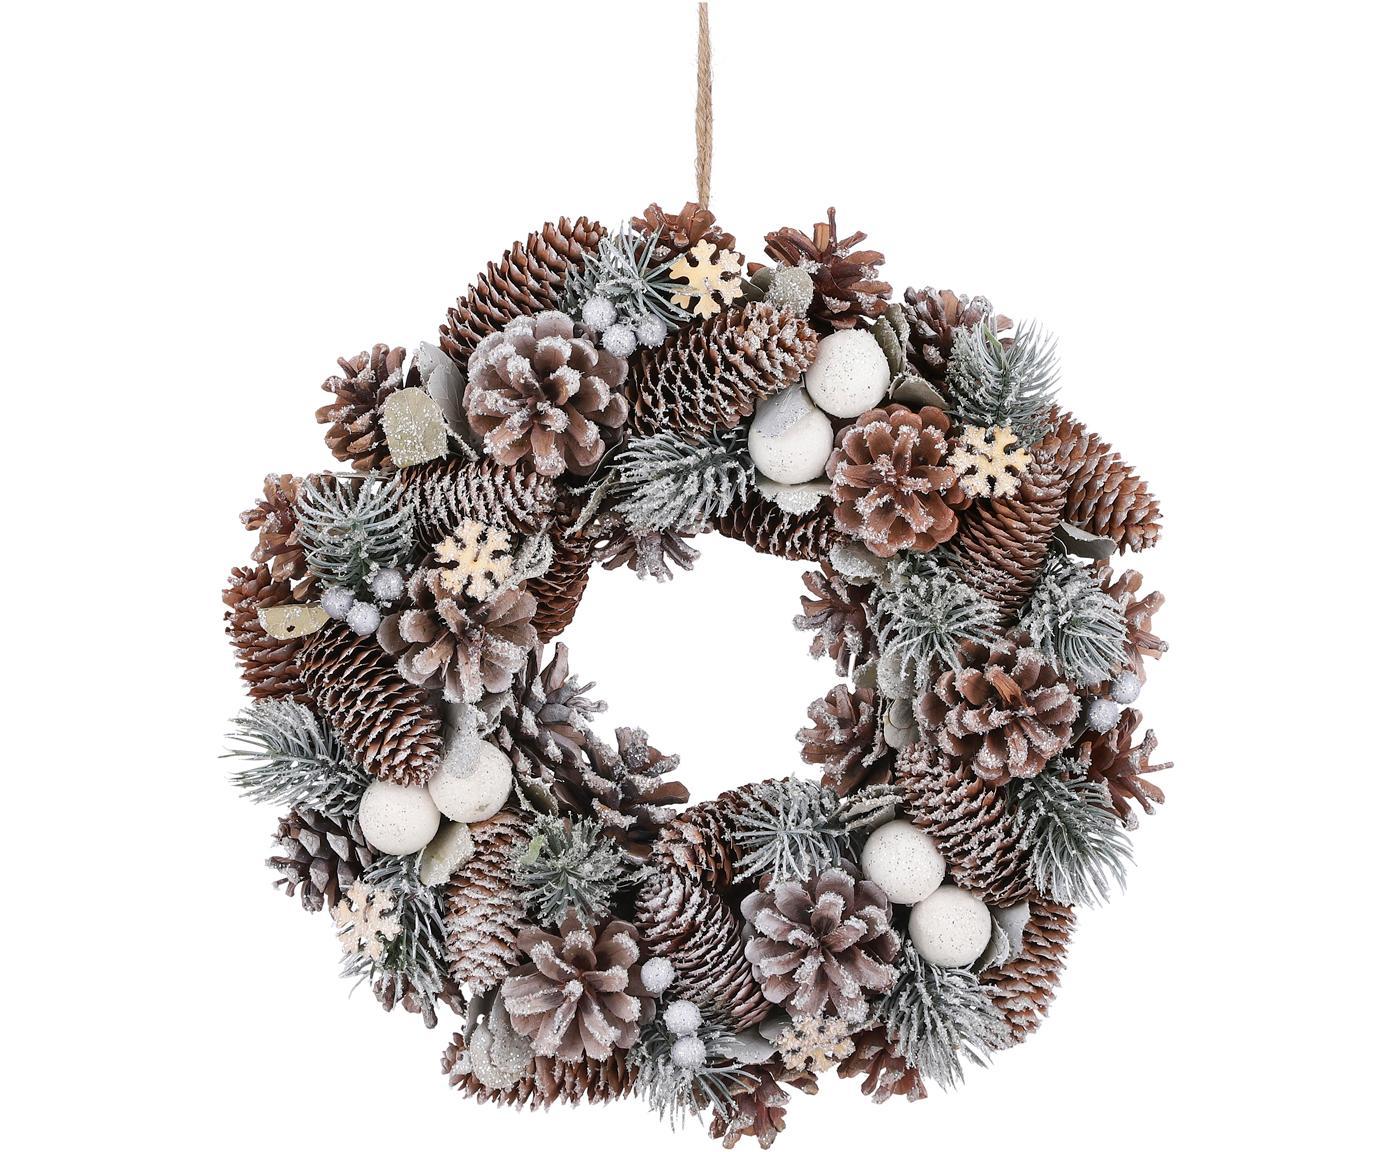 Weihnachtskranz Nicola, Naturfaser, Braun, Weiss, Grün, Ø 34 x H 9 cm